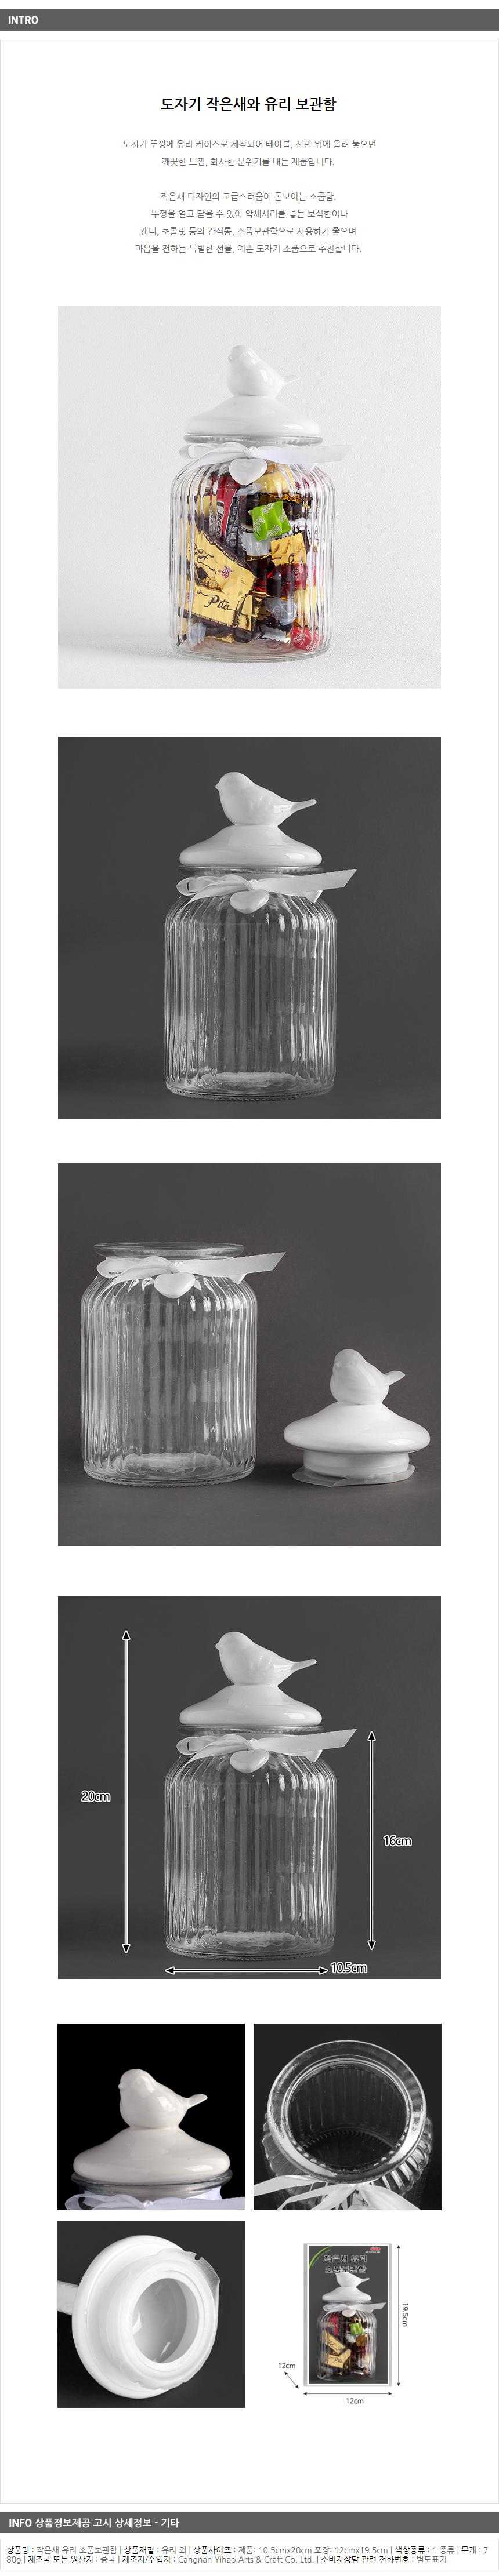 작은새 유리 소품보관함/미니어처장식소품 액세서리함 - 기프트갓, 20,340원, 보관함/진열대, 주얼리보관함